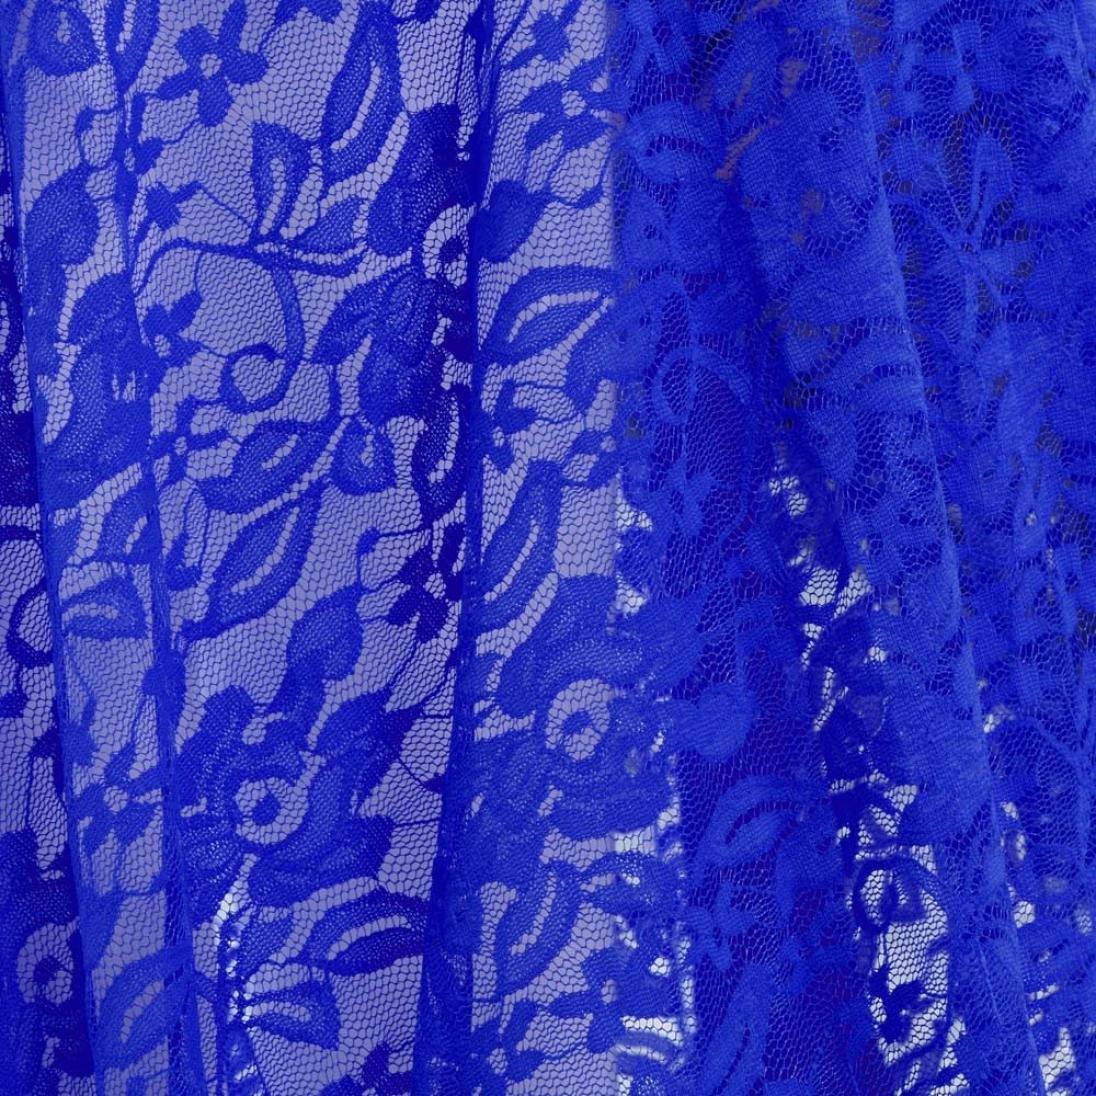 OHQ Dentelle Femmes Enceintes Jupe Queue Longueur Collier Robe Photographie /à Manches Longues Grossesse Props Off /éPaules Allaitement Longue Blanc Beige Bleu Beige